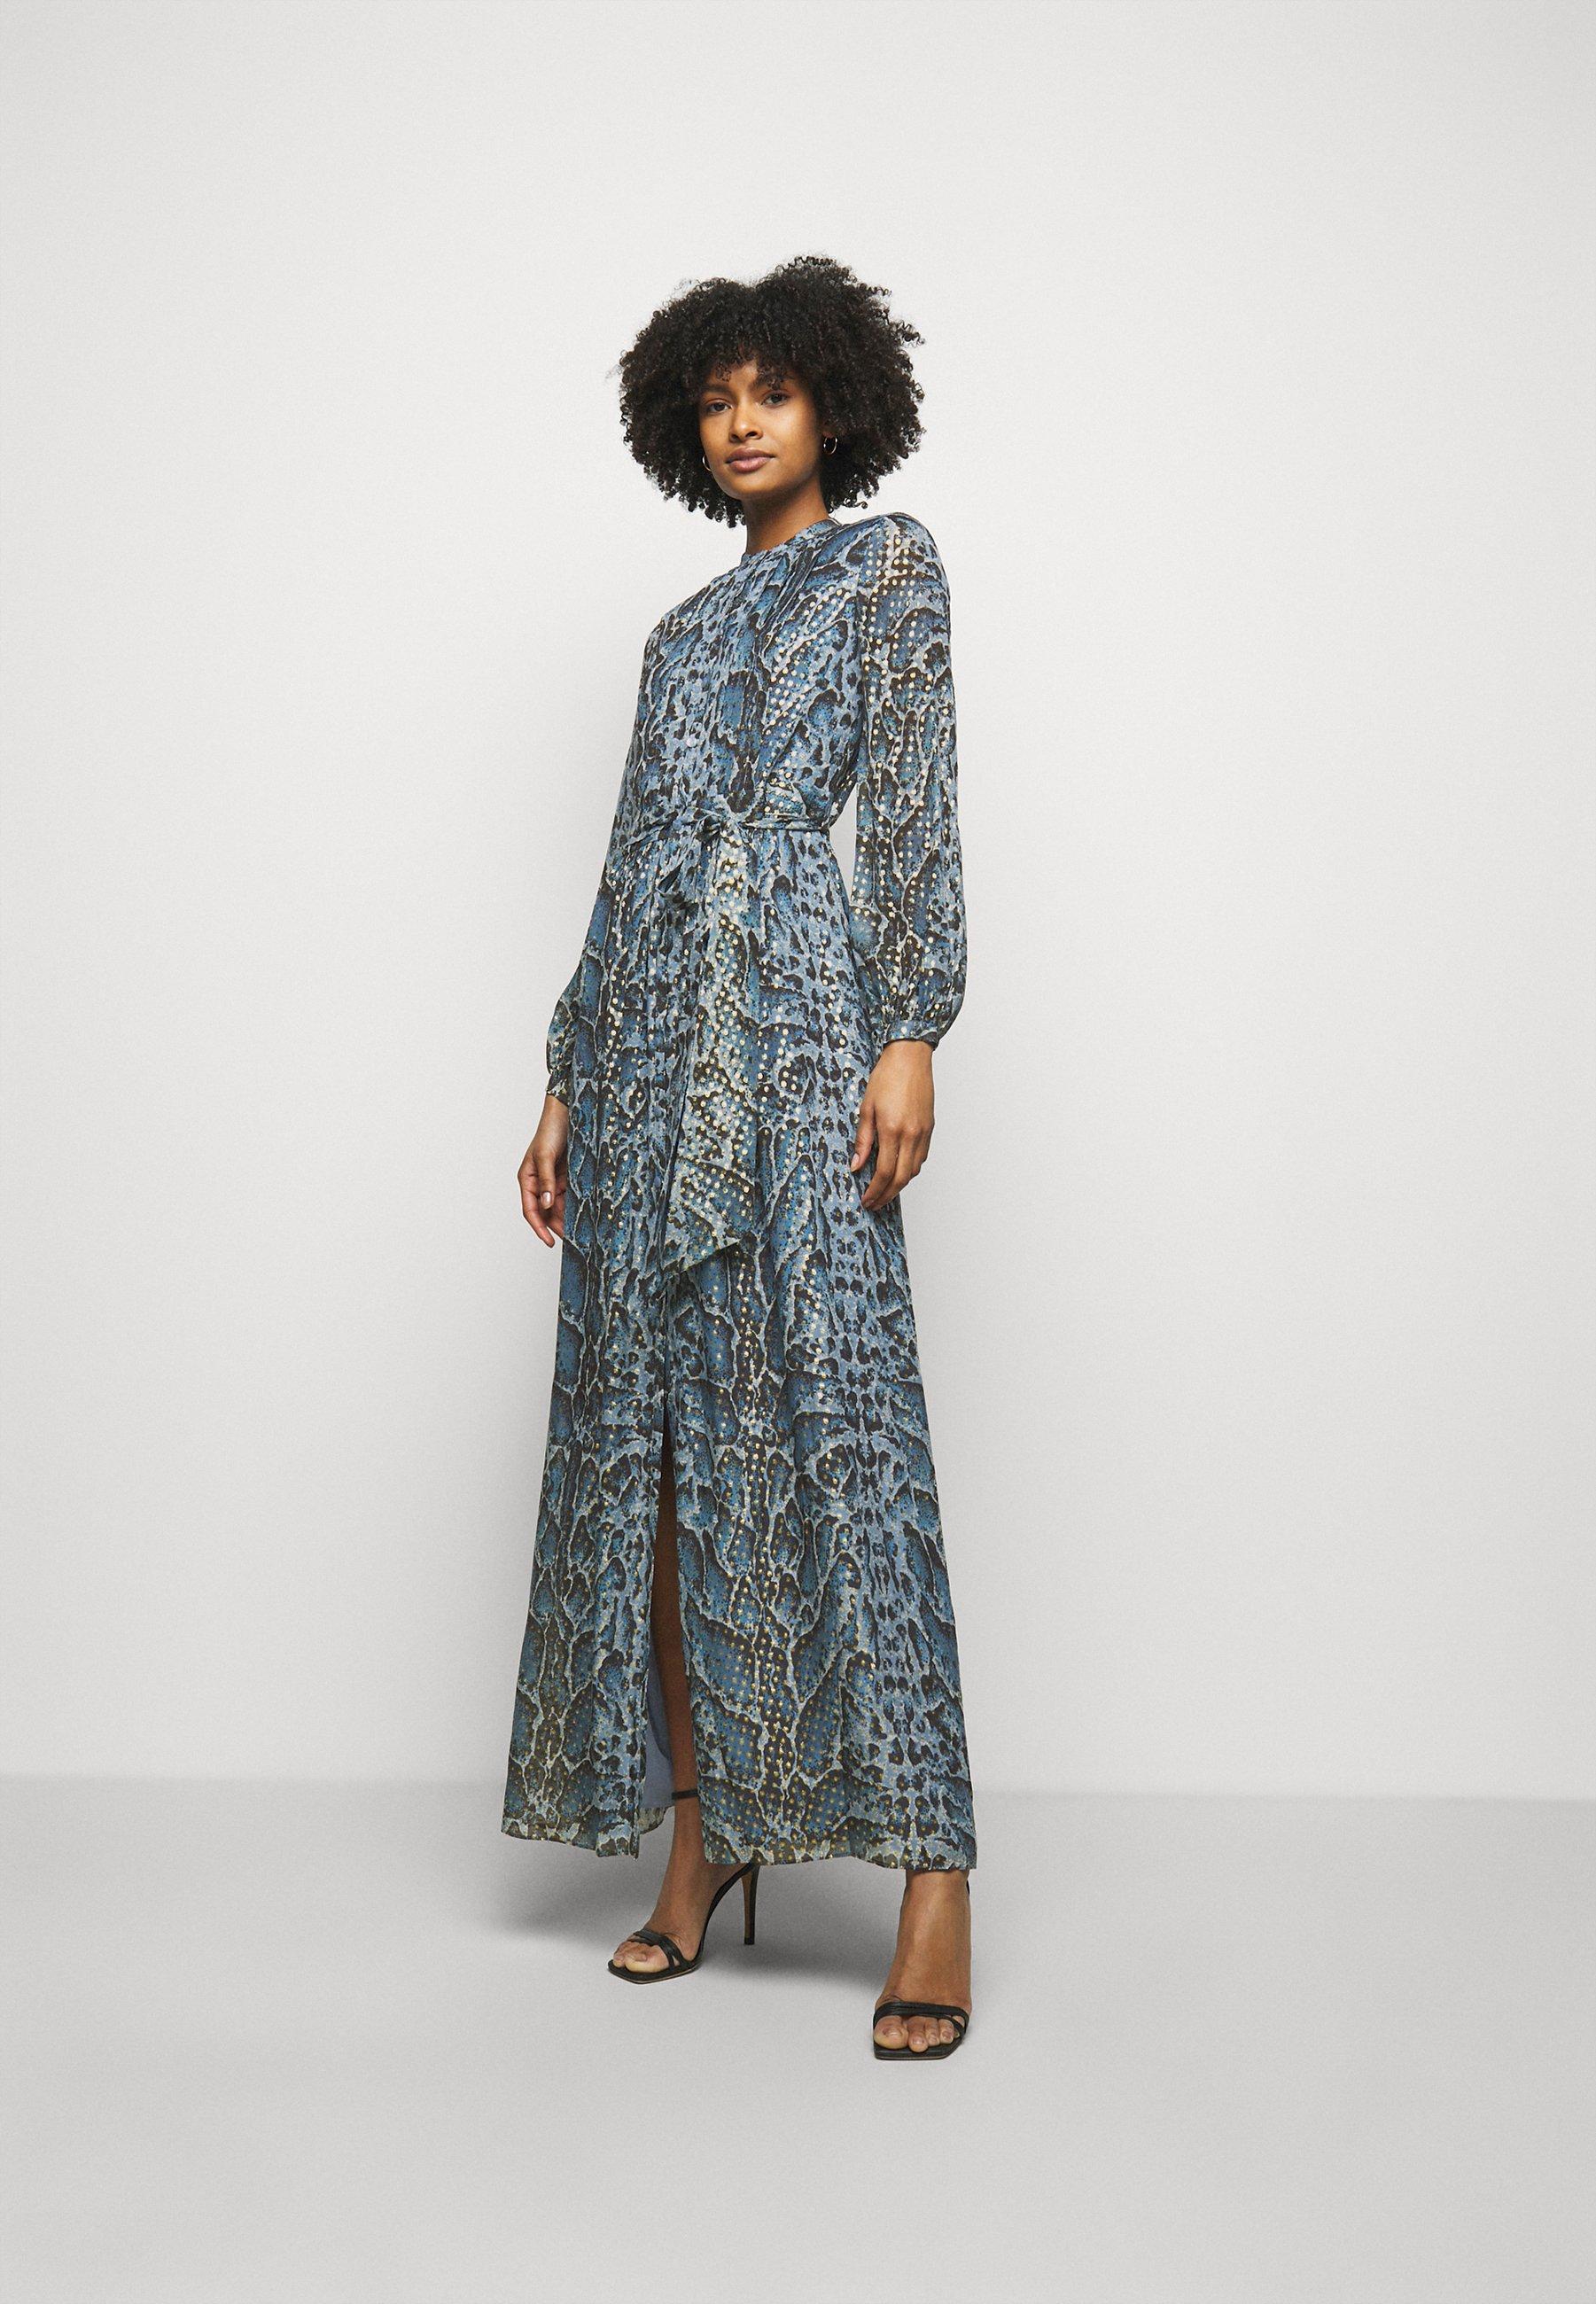 Femme OCELOT PRINTED DRESS - Robe chemise